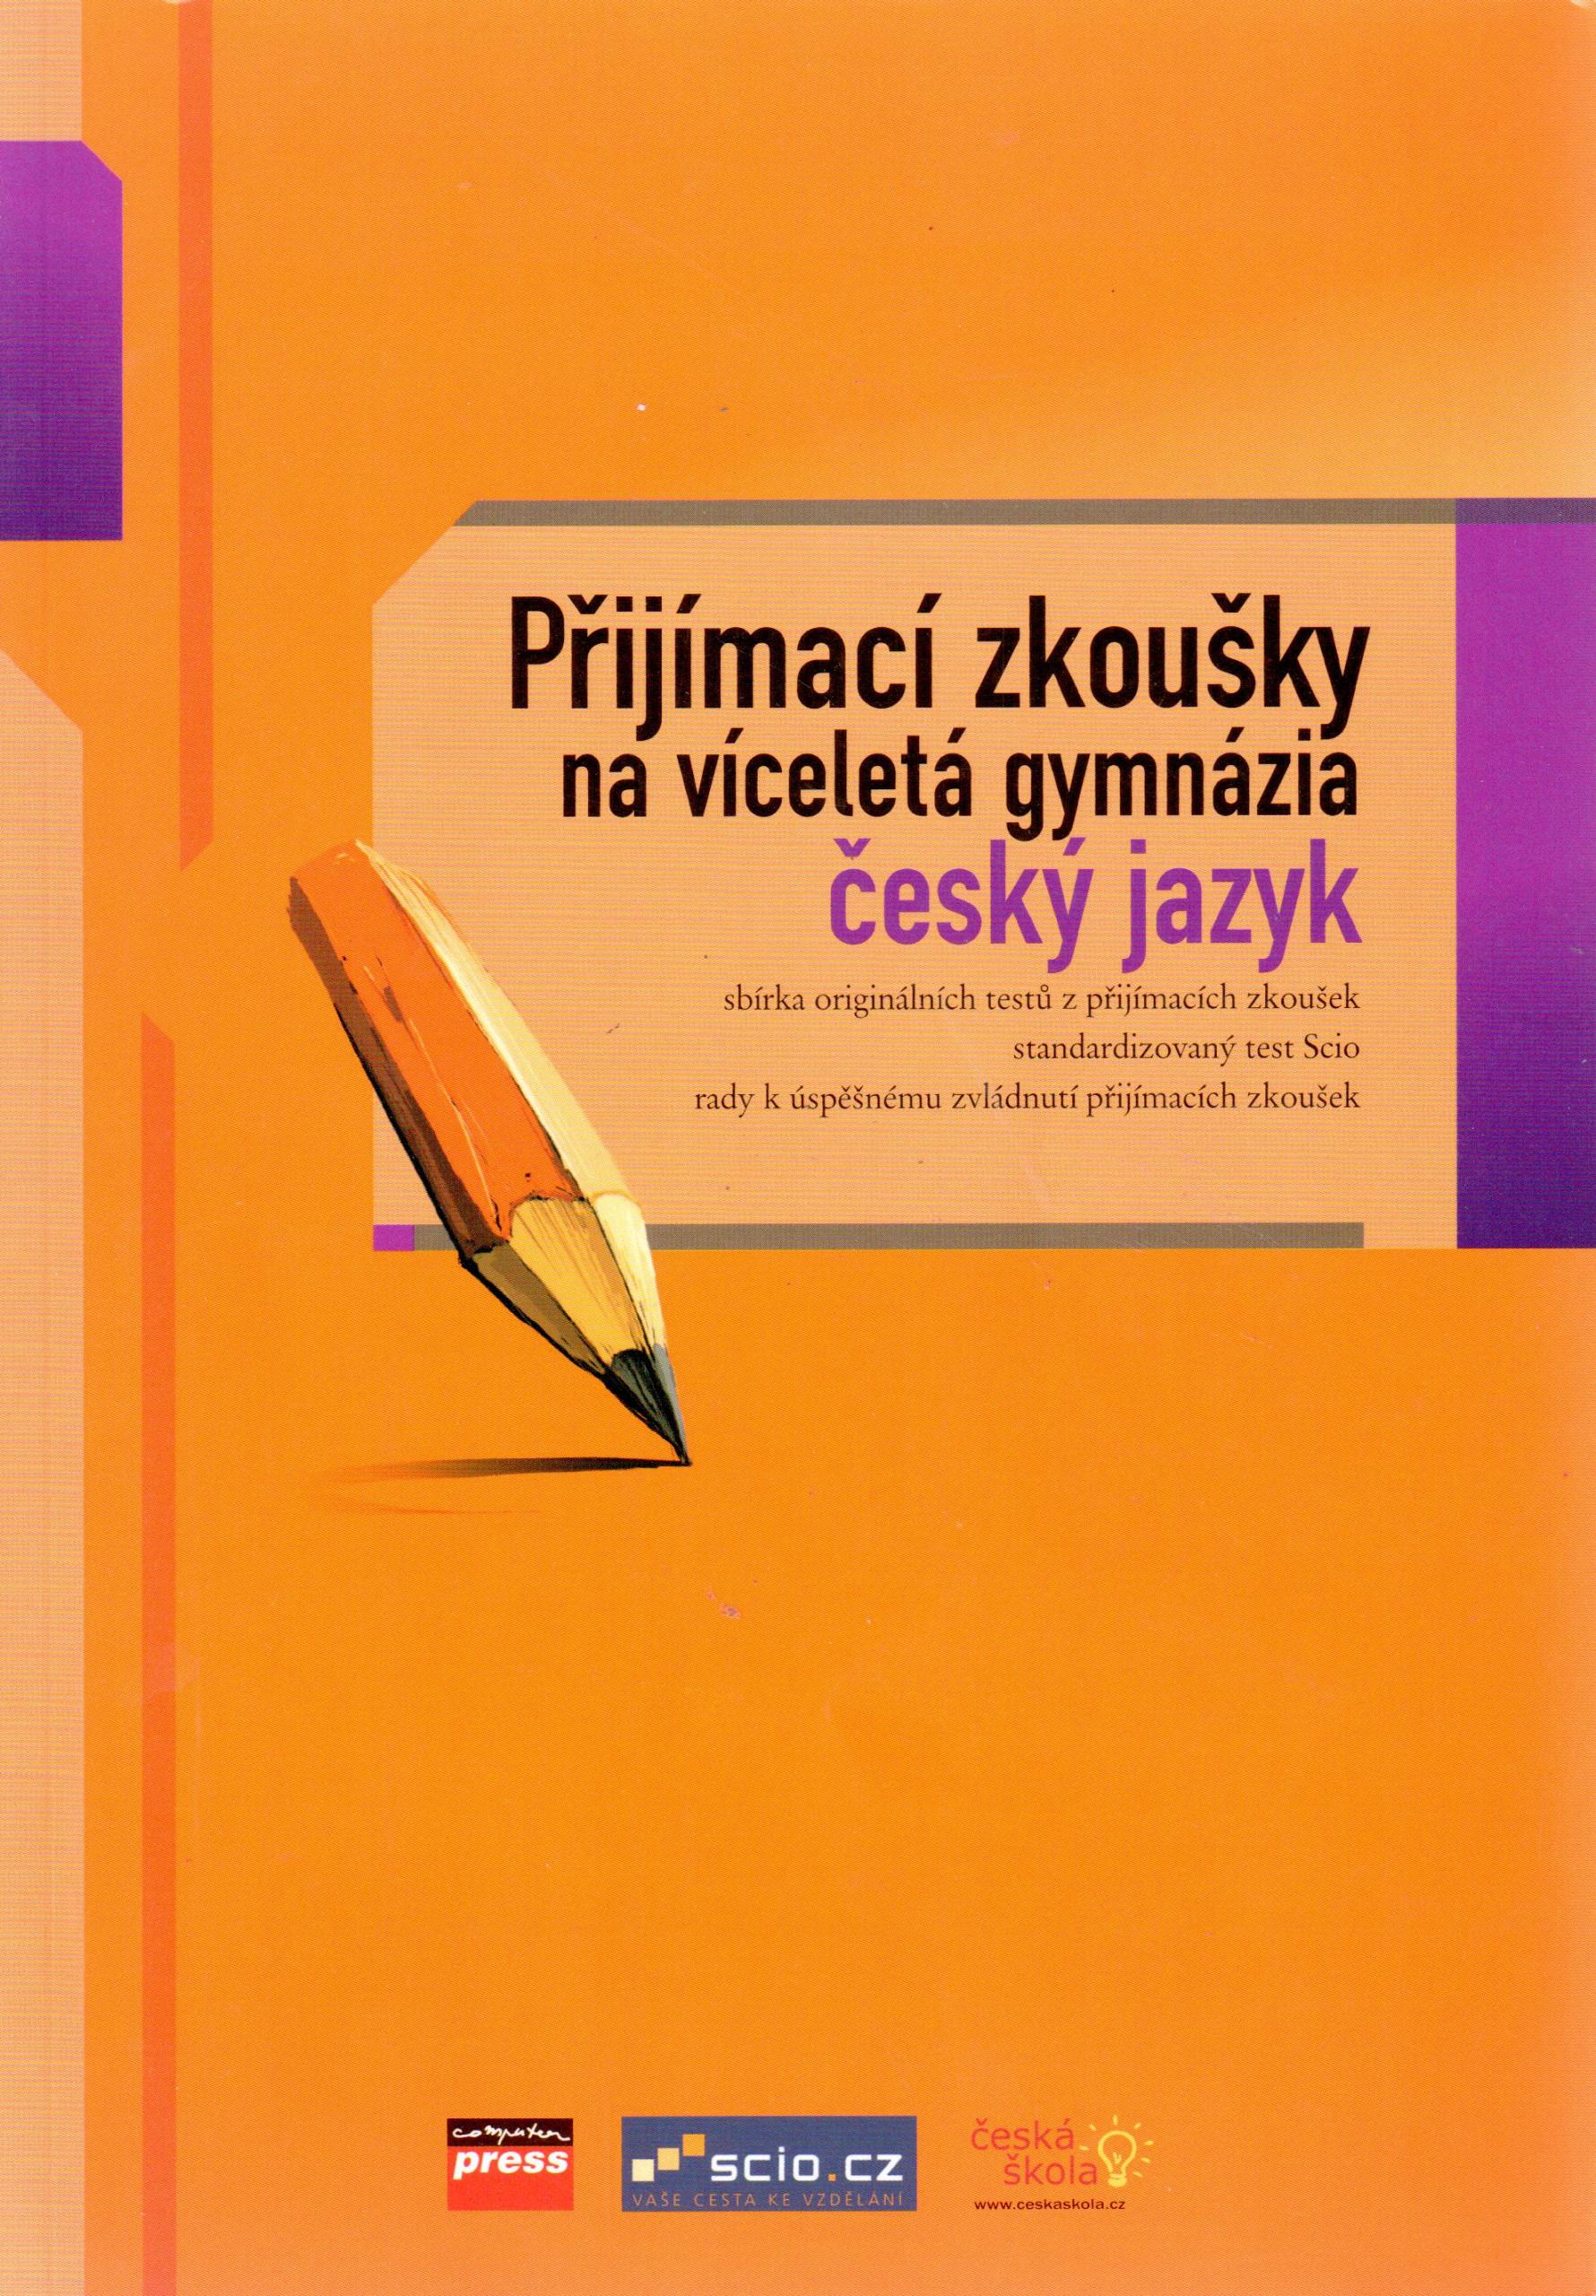 Přijímací zkoušky na víceletá gymnázia: Český jazyk - Náhled učebnice